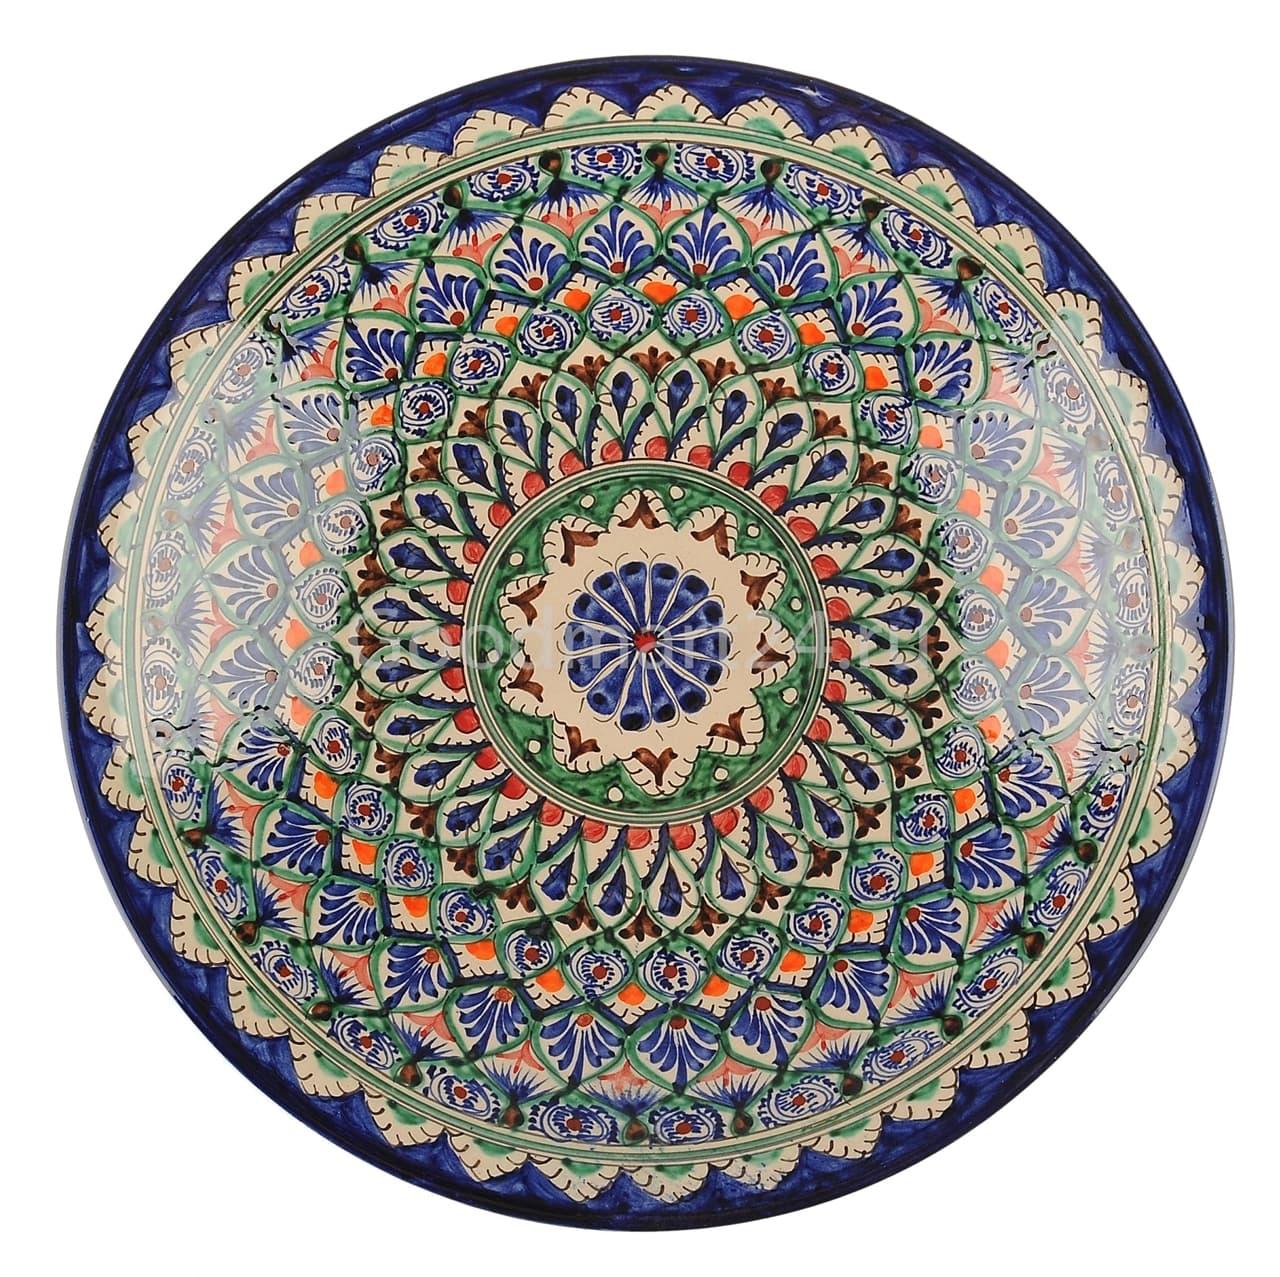 Тарелка плоская Риштанская Керамика 27 см. синяя - фото 7496